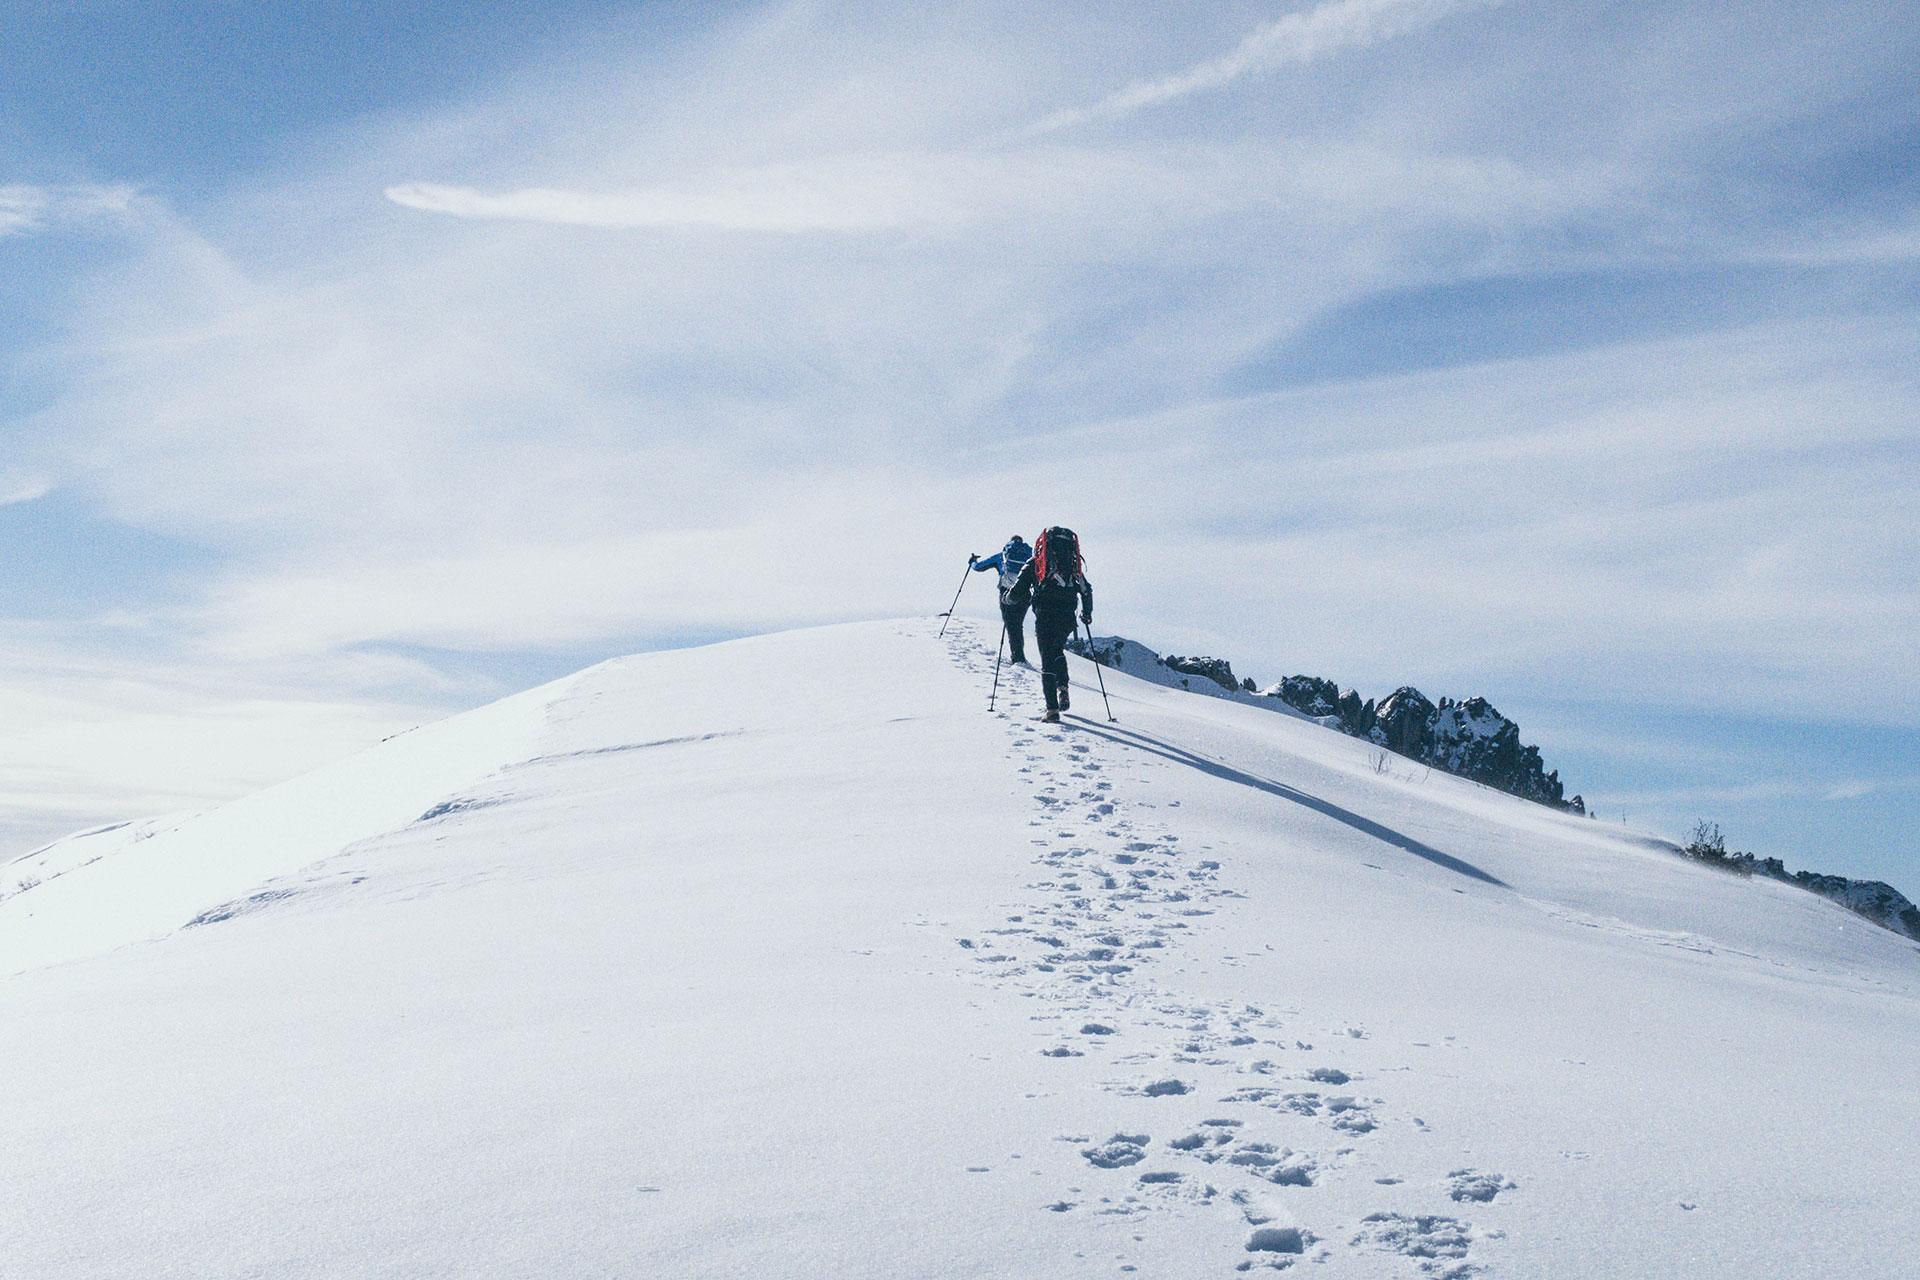 Alps, Europe | Fabrizio Conti